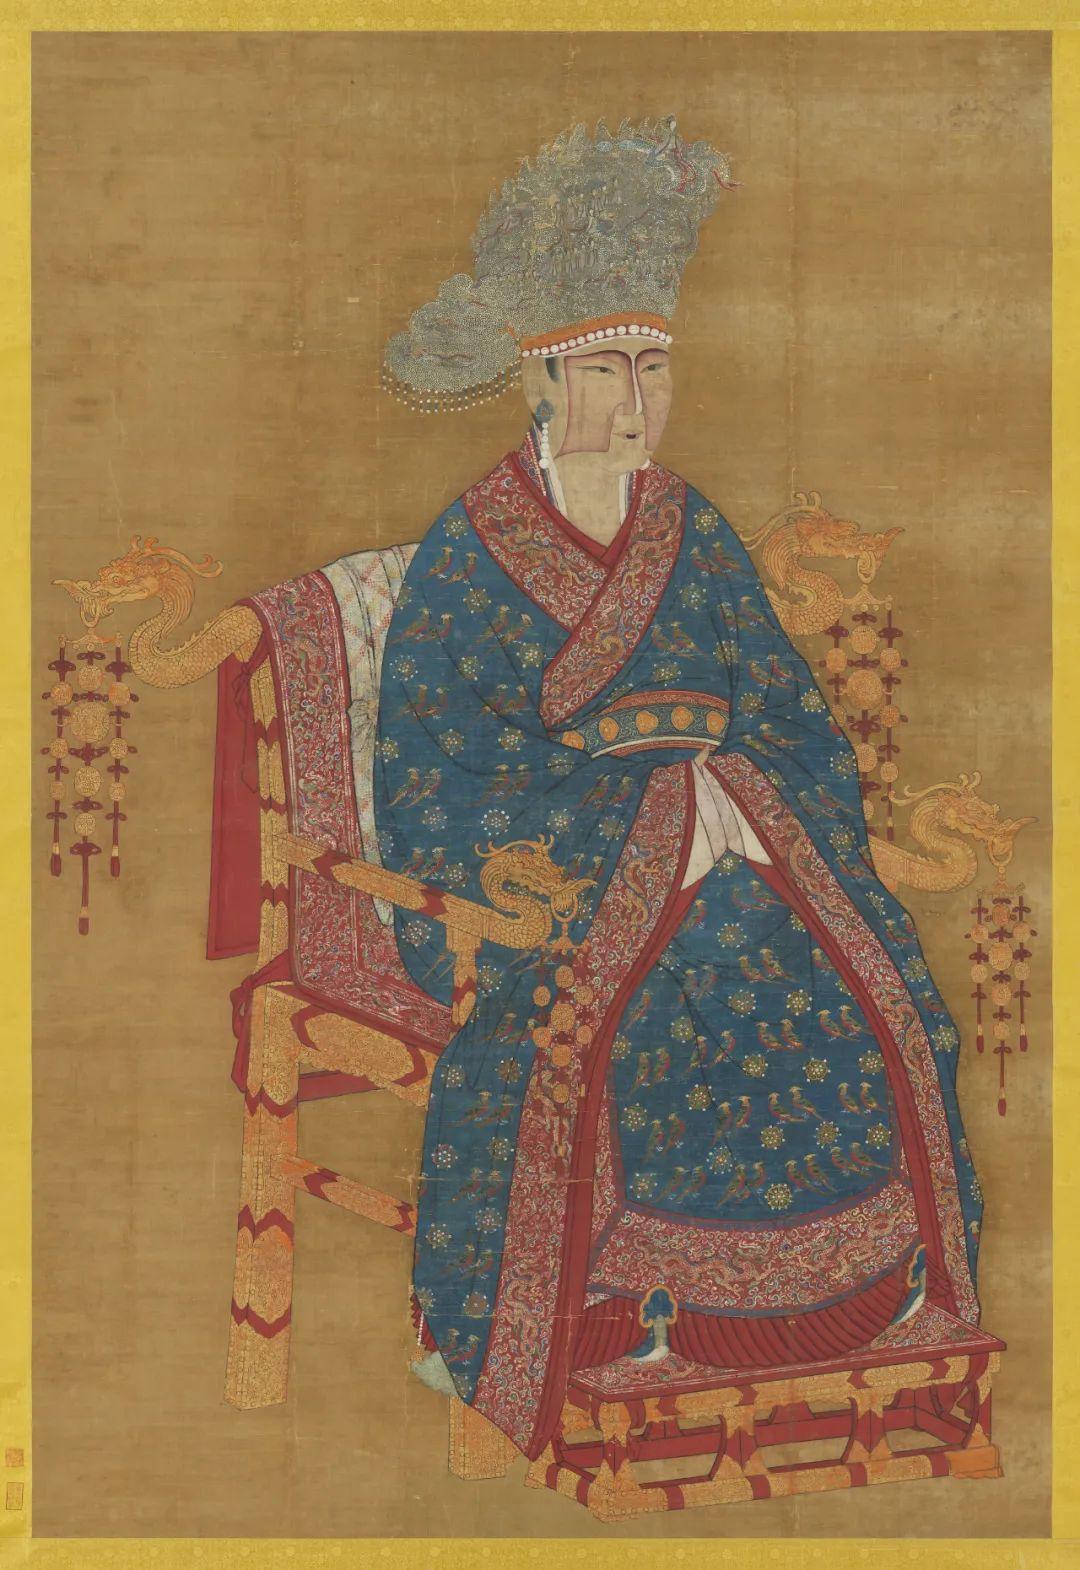 宋 佚名 宋真宗后 坐像 台北故宫博物院藏